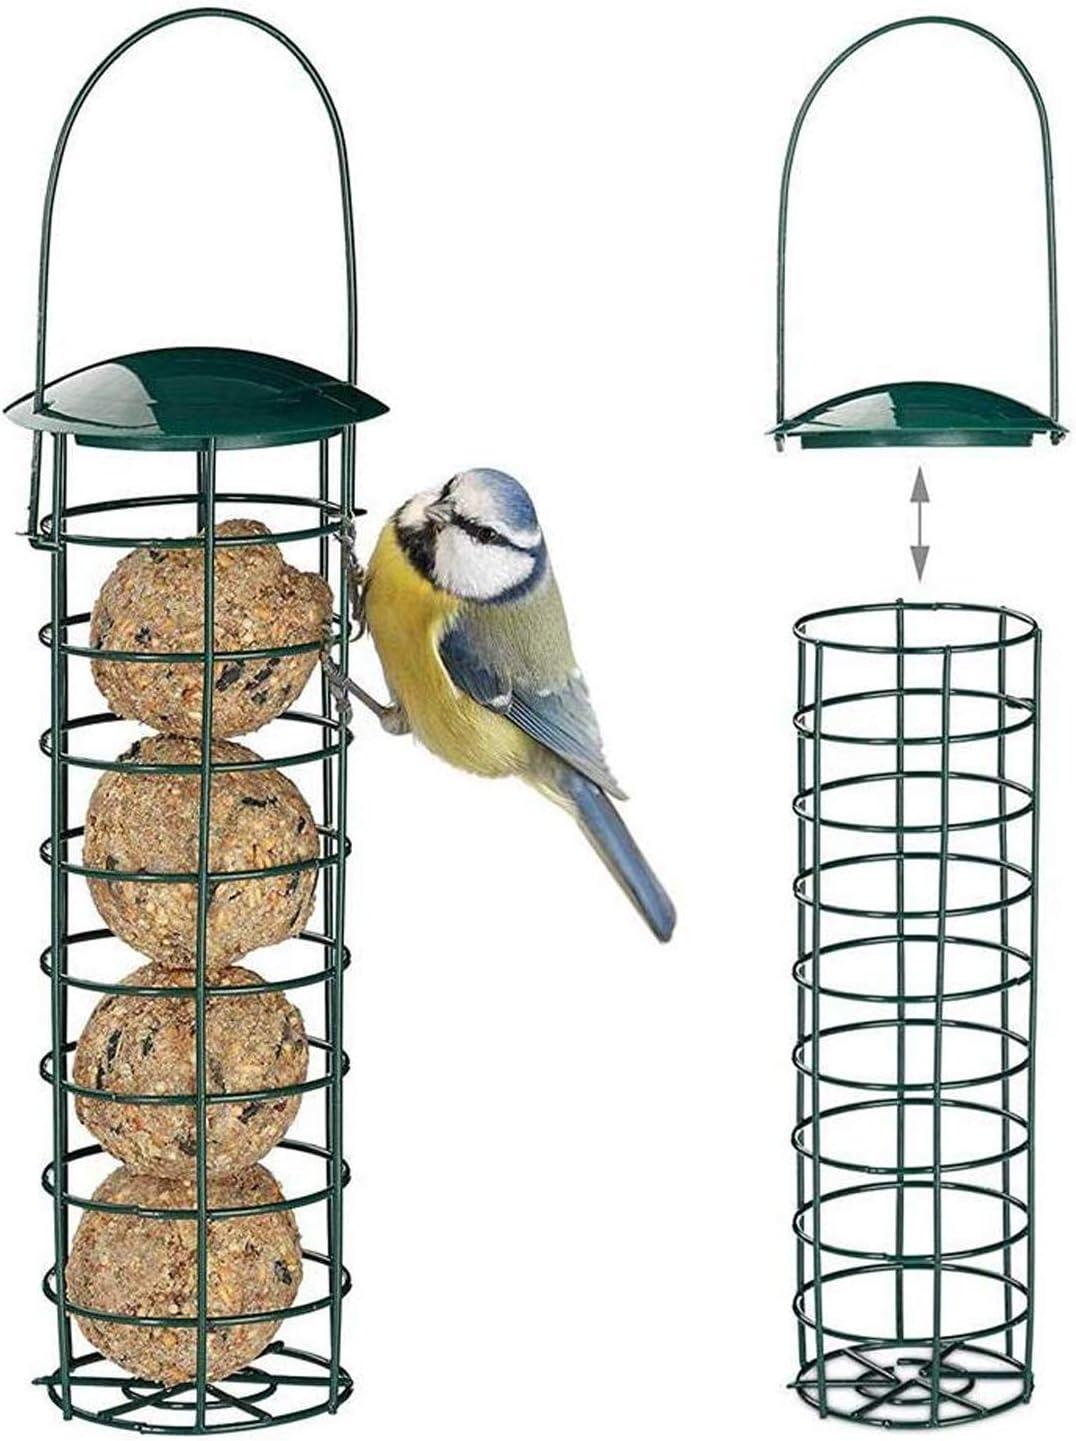 Suprcrne Comedero para Colgar Pájaros, Comedero de Semillas de Aves Silvestres Dispensador de Comida para Jardín al Aire Libre